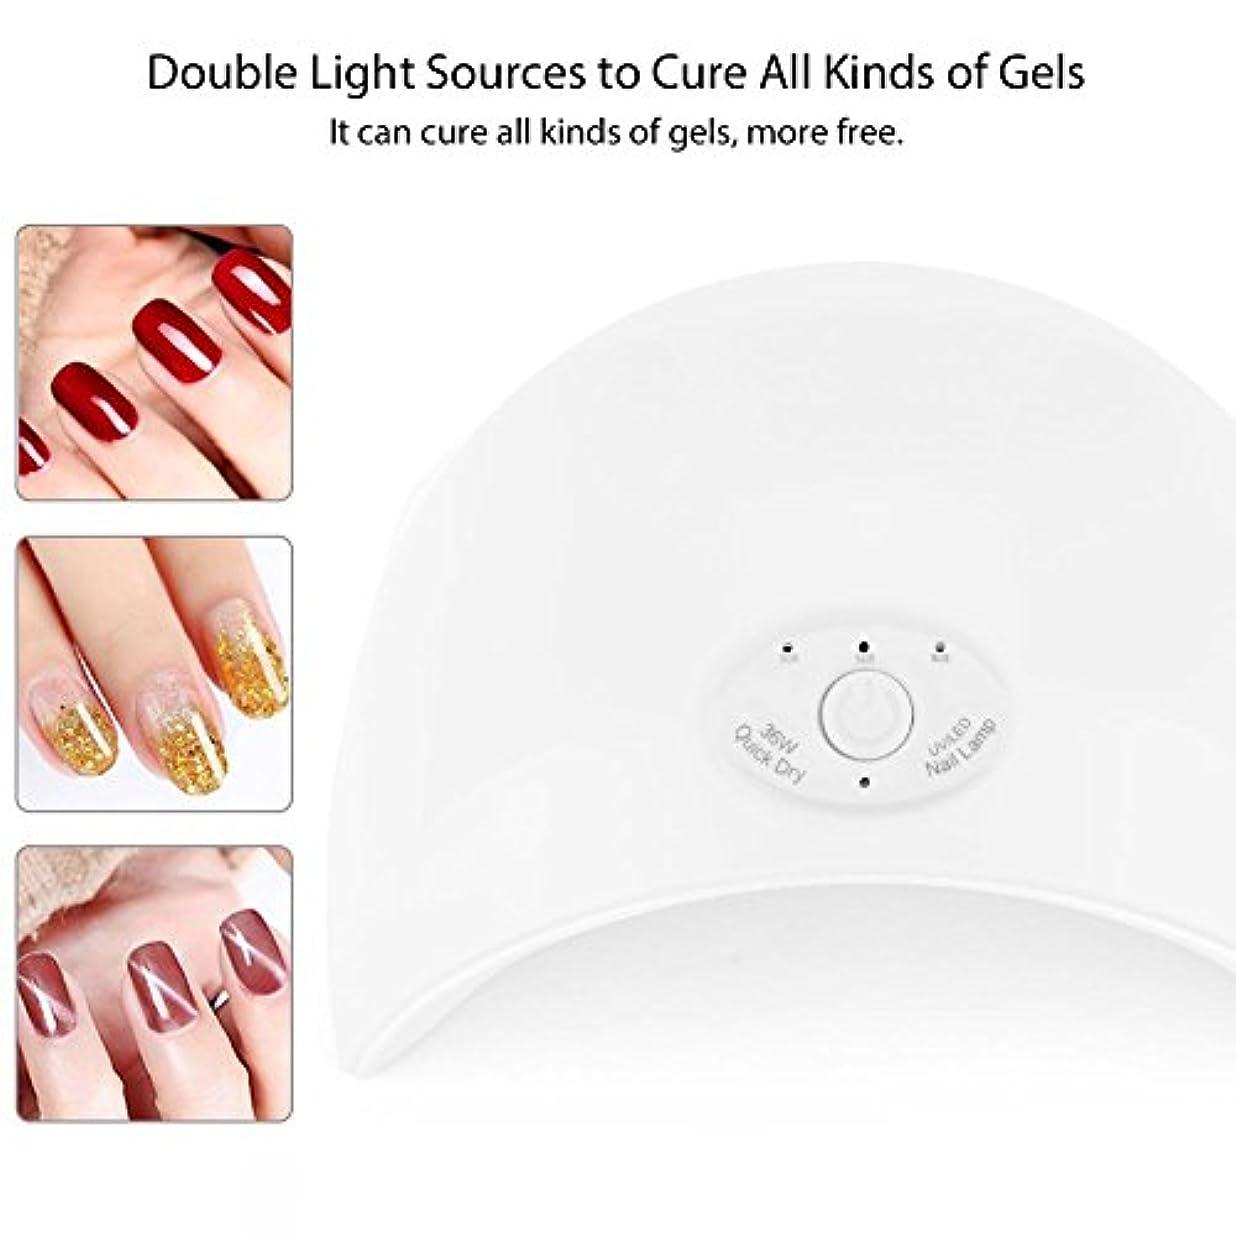 降雨大脳病弱ネイルランプ、スマートセンサーネイルアートツールを使用したネイルジェルポリッシュ硬化用UVLEDネイルドライヤー(白い)